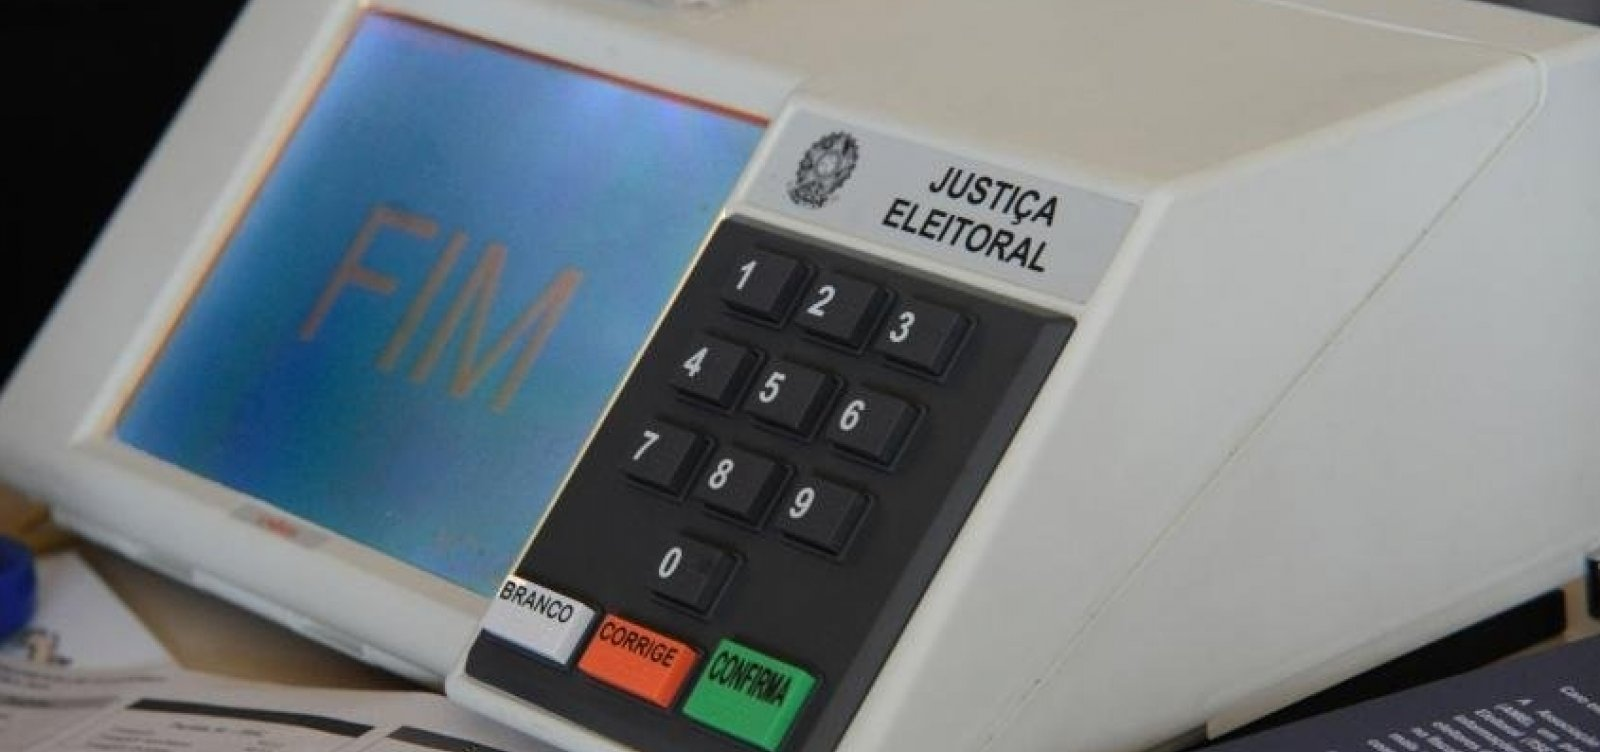 [Mesária é presa após divulgar boato sobre suposta fraude em urna]